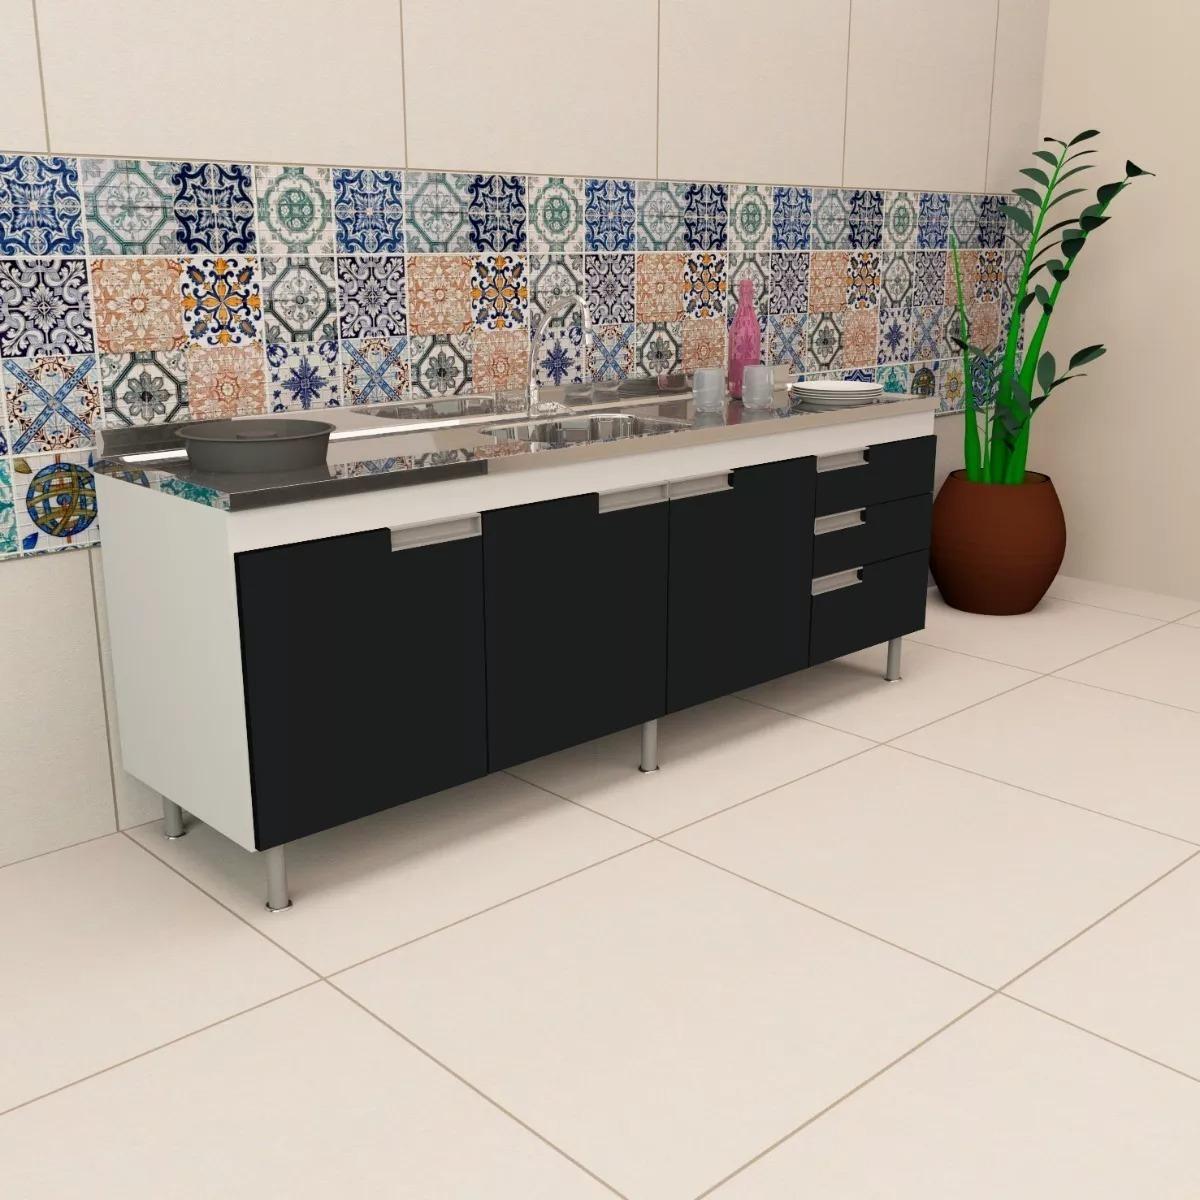 Balcao Gabinete Cozinha Para Pia 2 00m Preto Spp89 M D F R 920